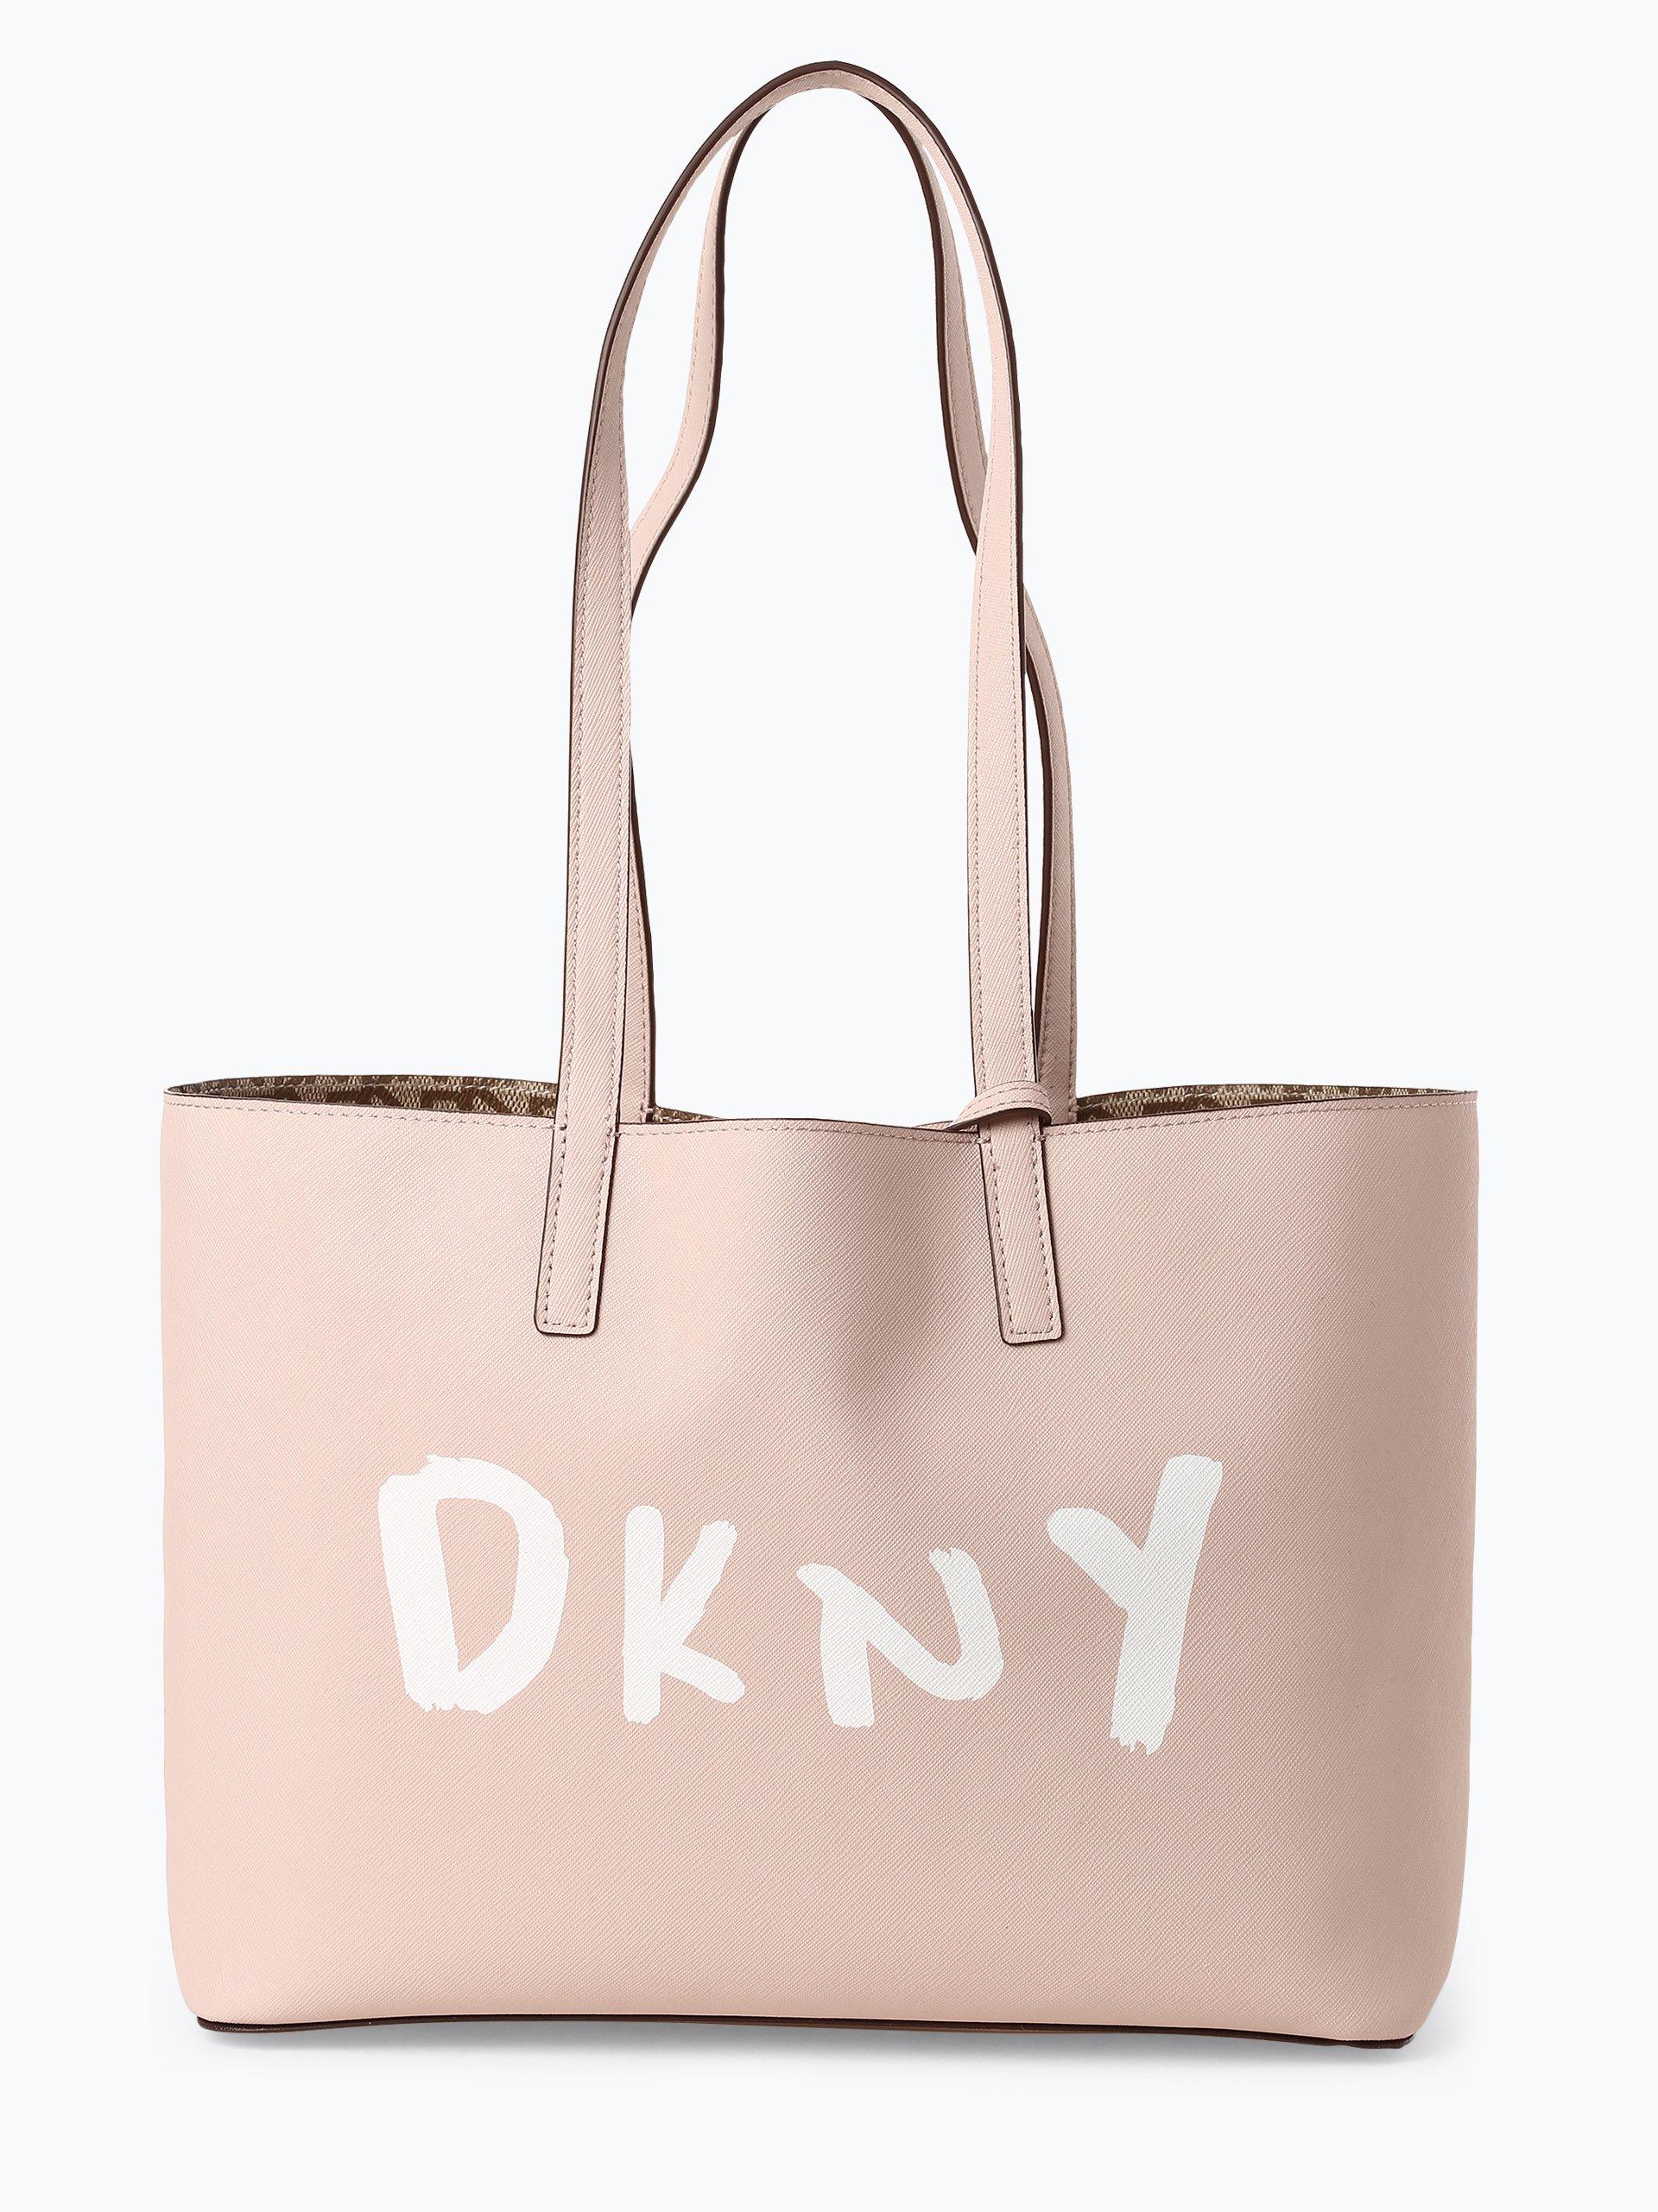 DKNY Damska dwustronna torba shopper – Pebbl